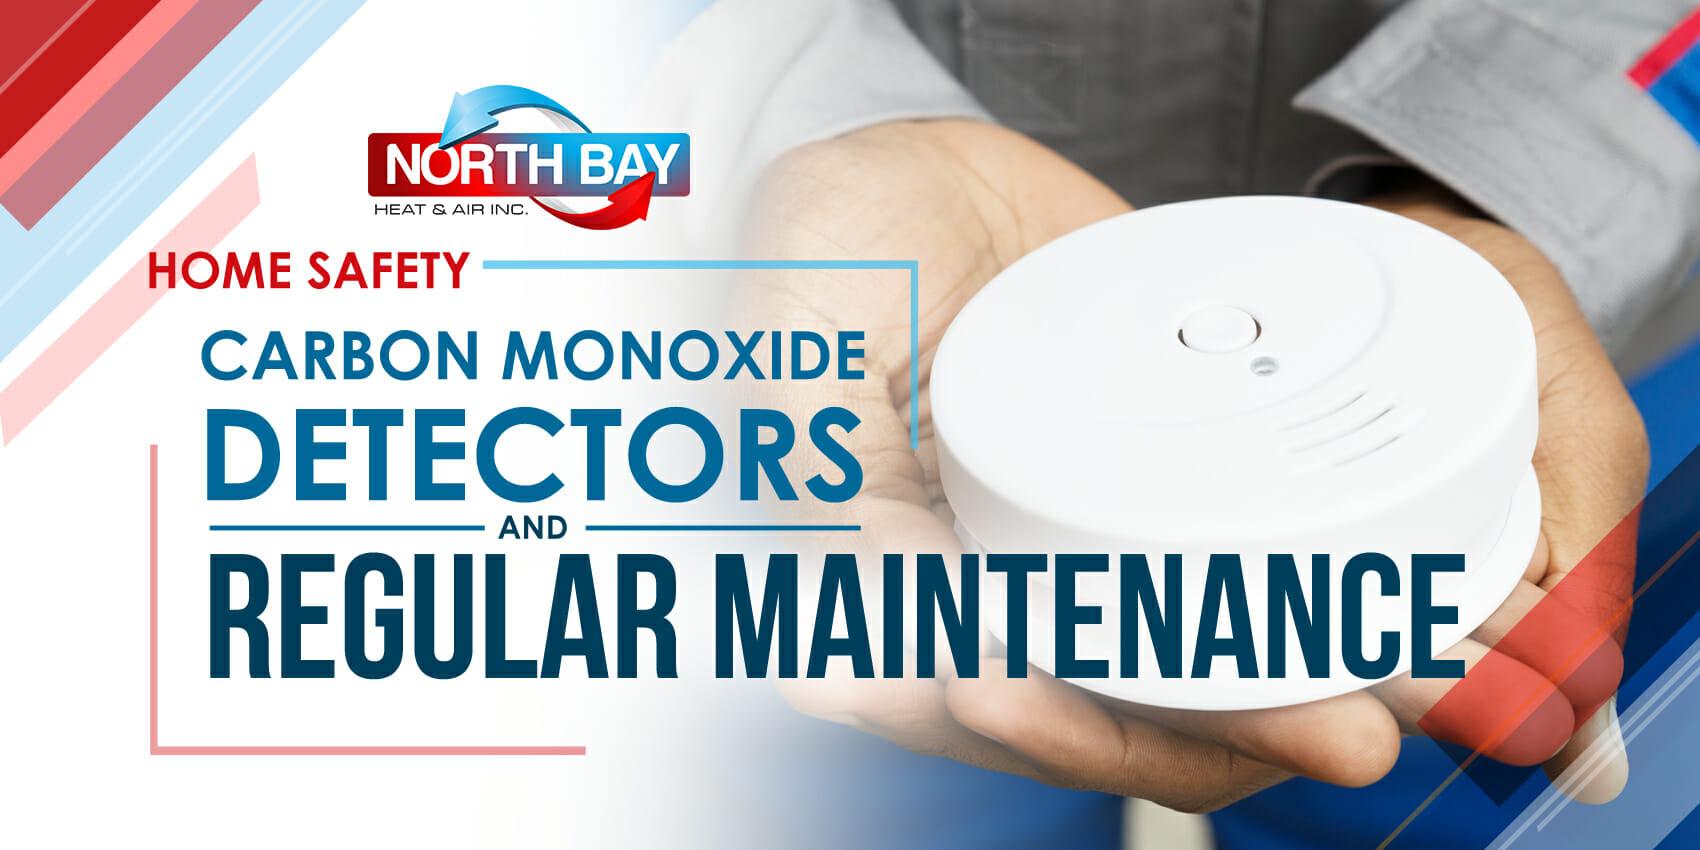 Home Safety—Carbon Monoxide Detectors & Regular Maintenance